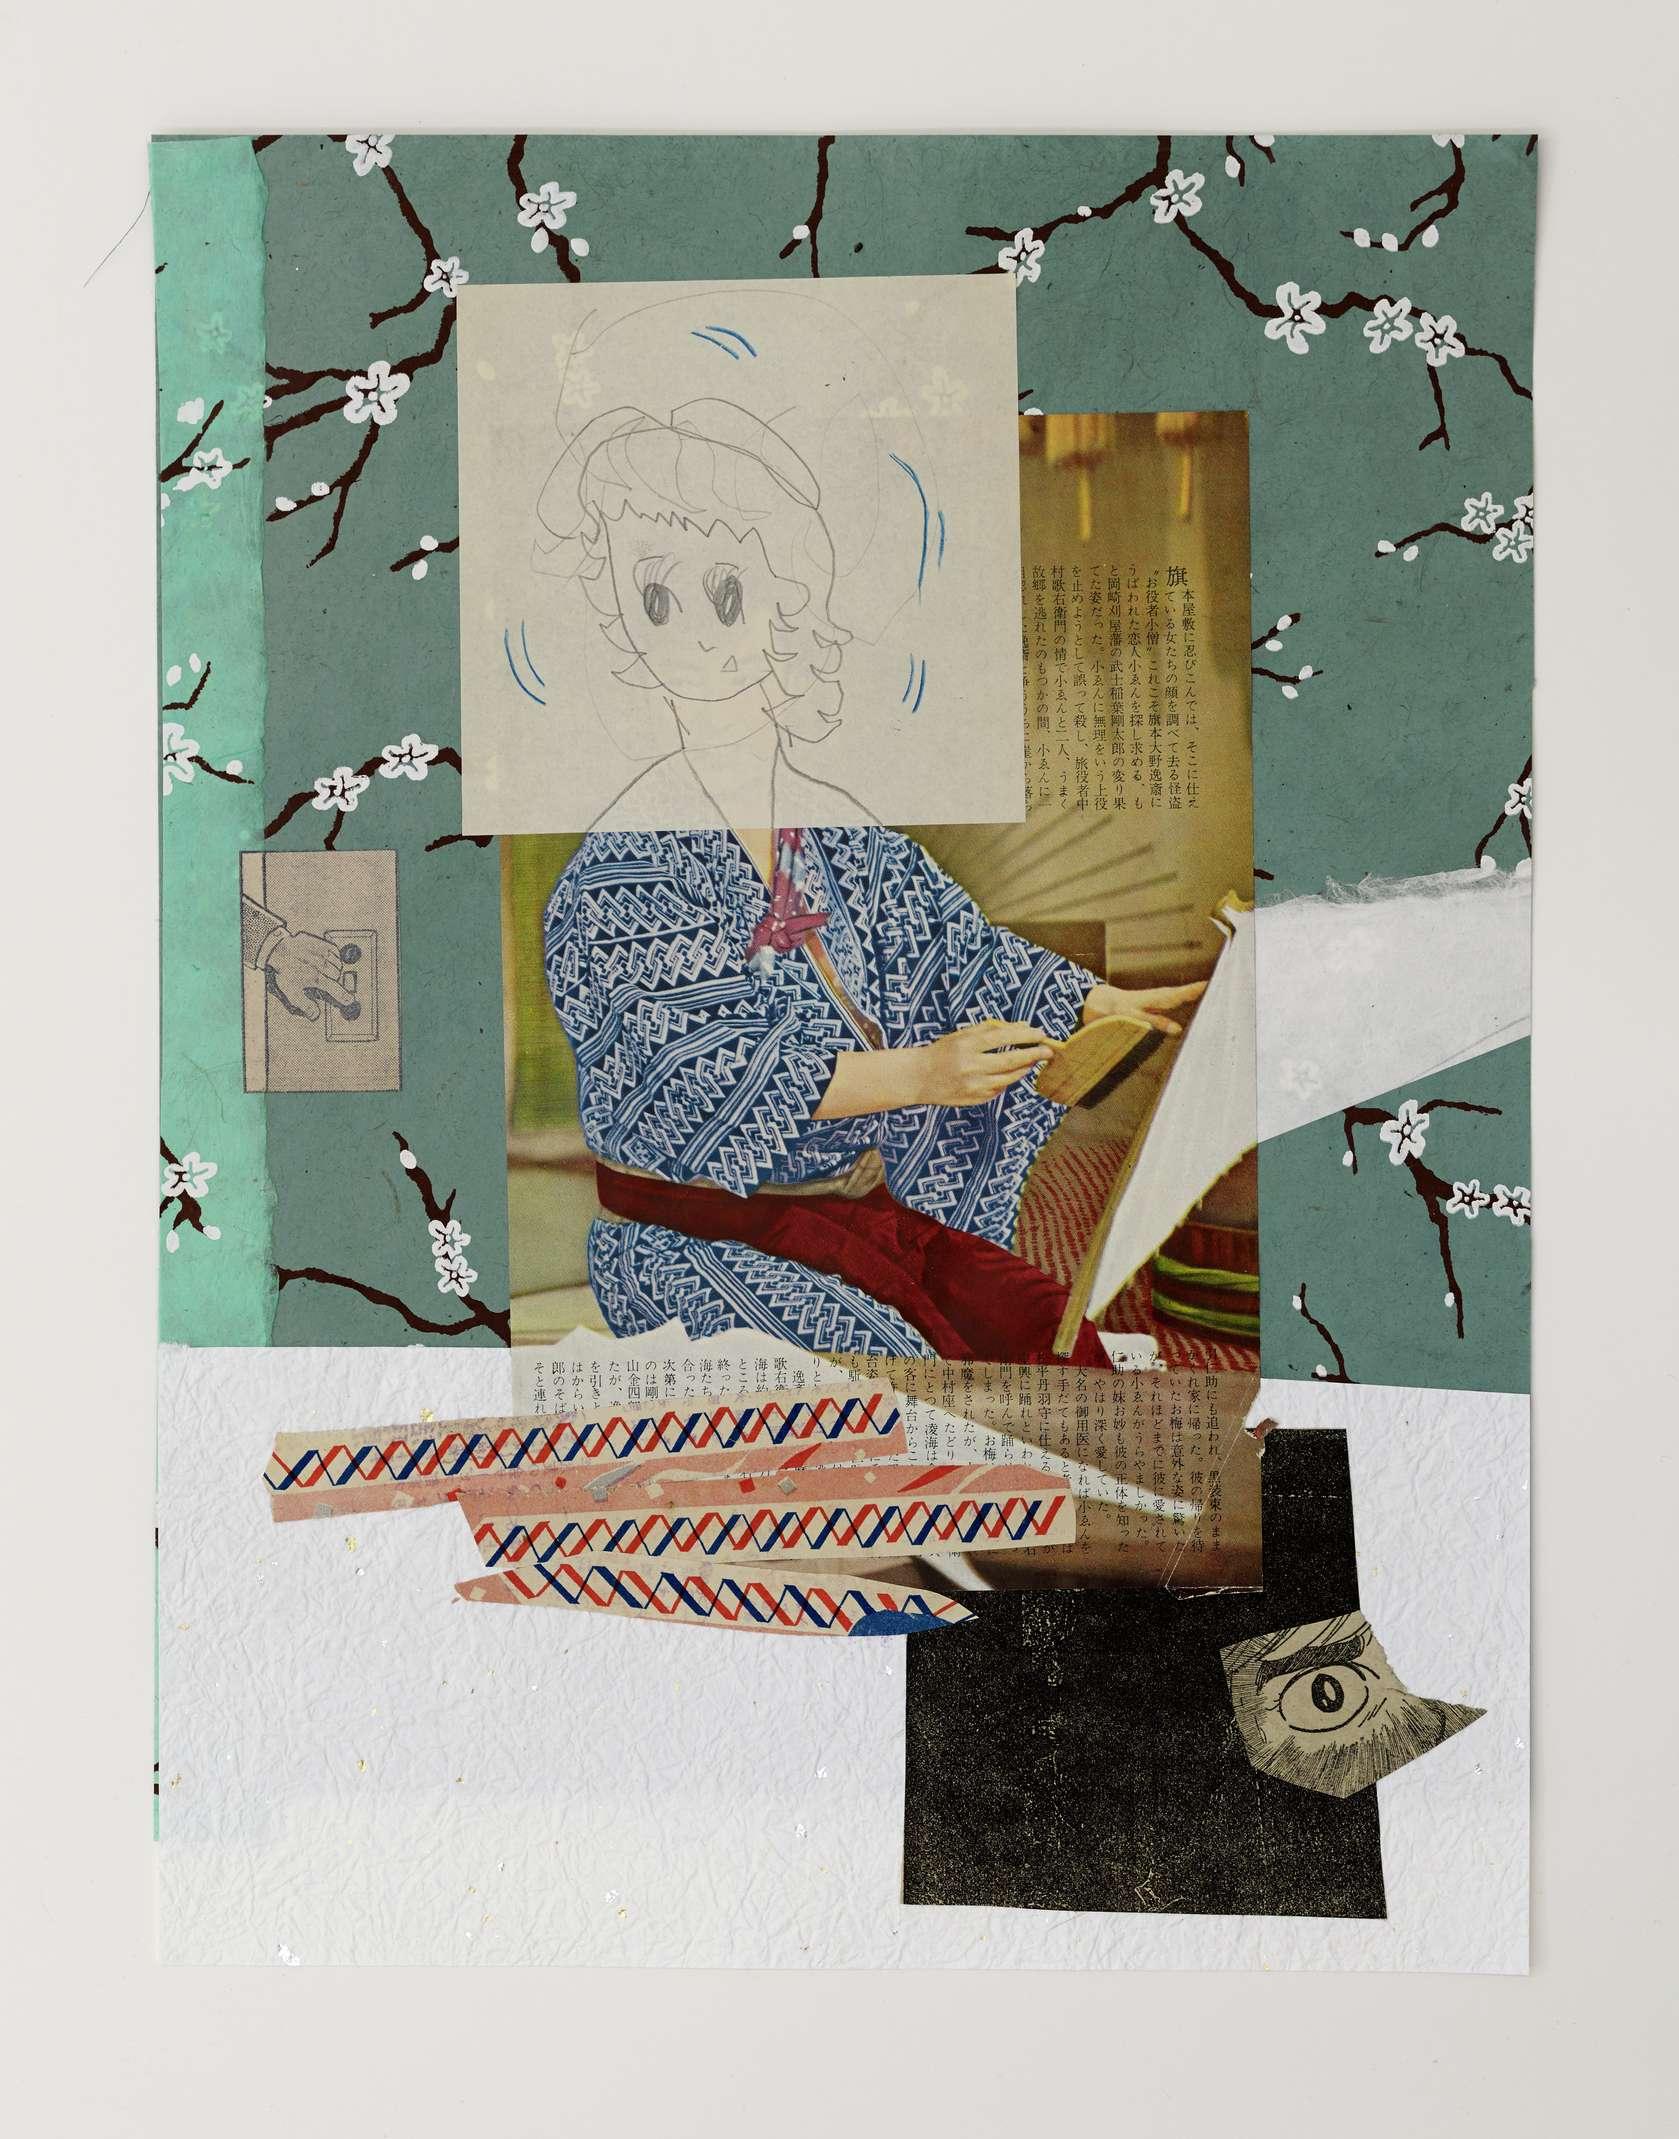 Hippolyte Hentgen, Sanjo Dori, 2019 Collage sur papier39.5 x 30 cm / 15 1/2 x 11 6/8 inches